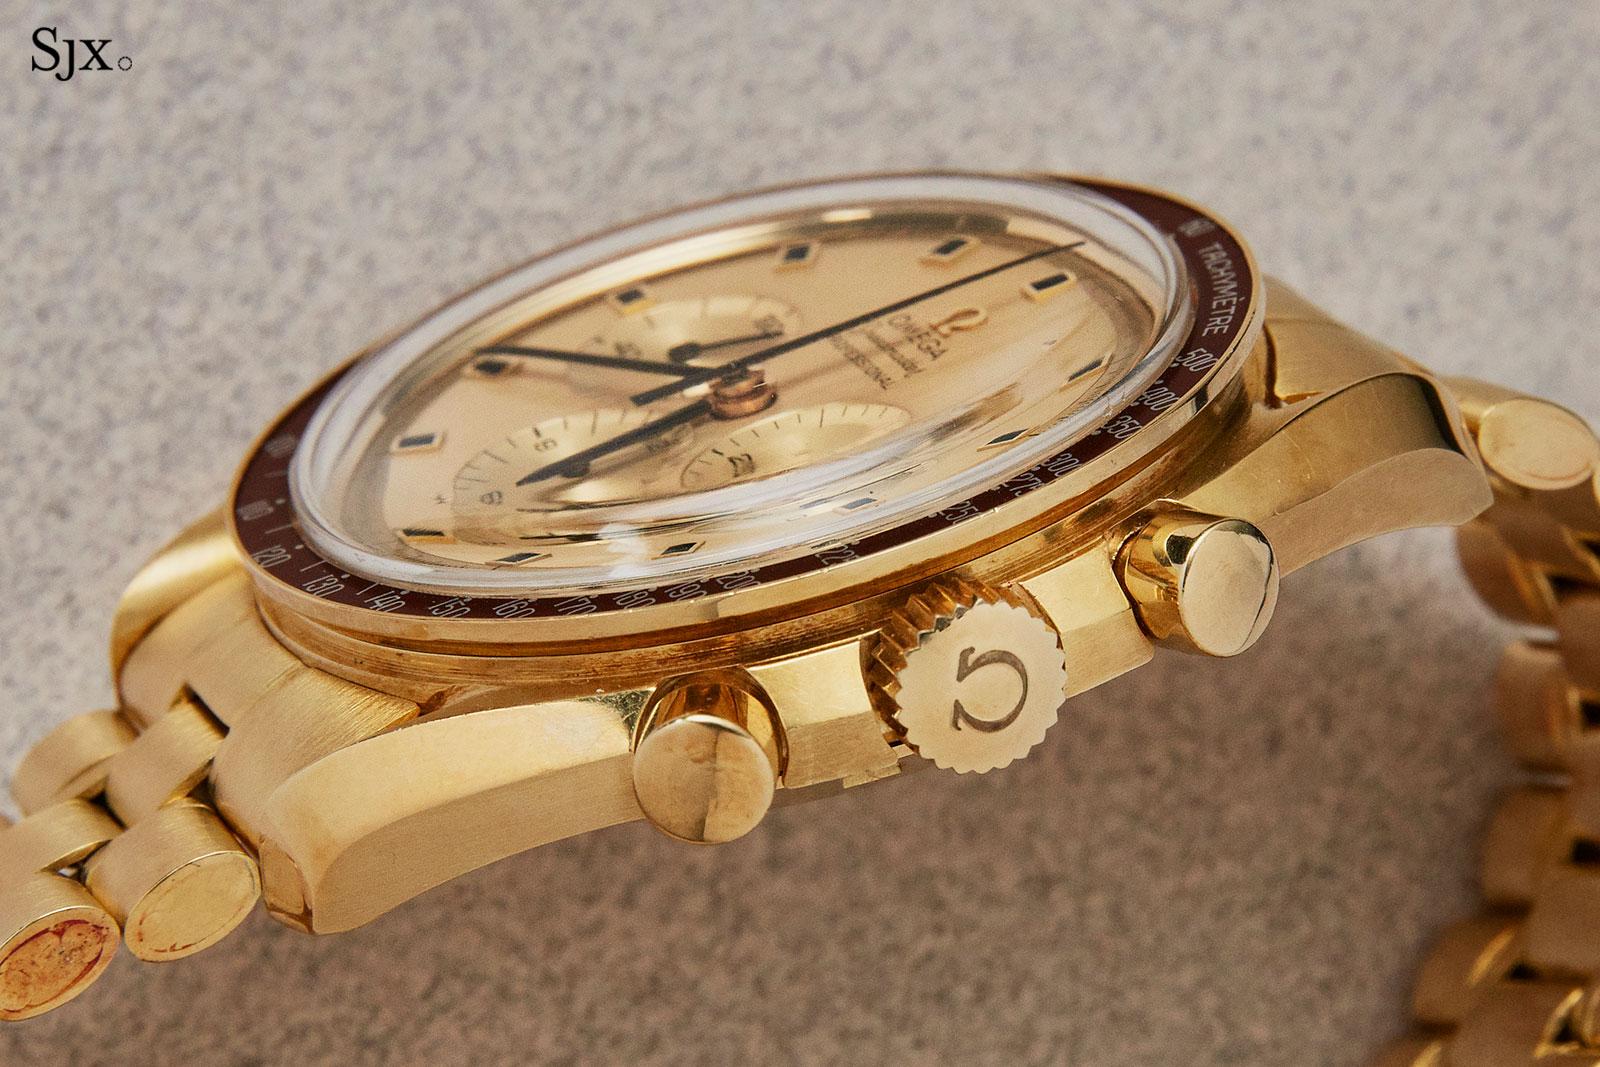 Omega Speedmaster 145.022 18k gold 6